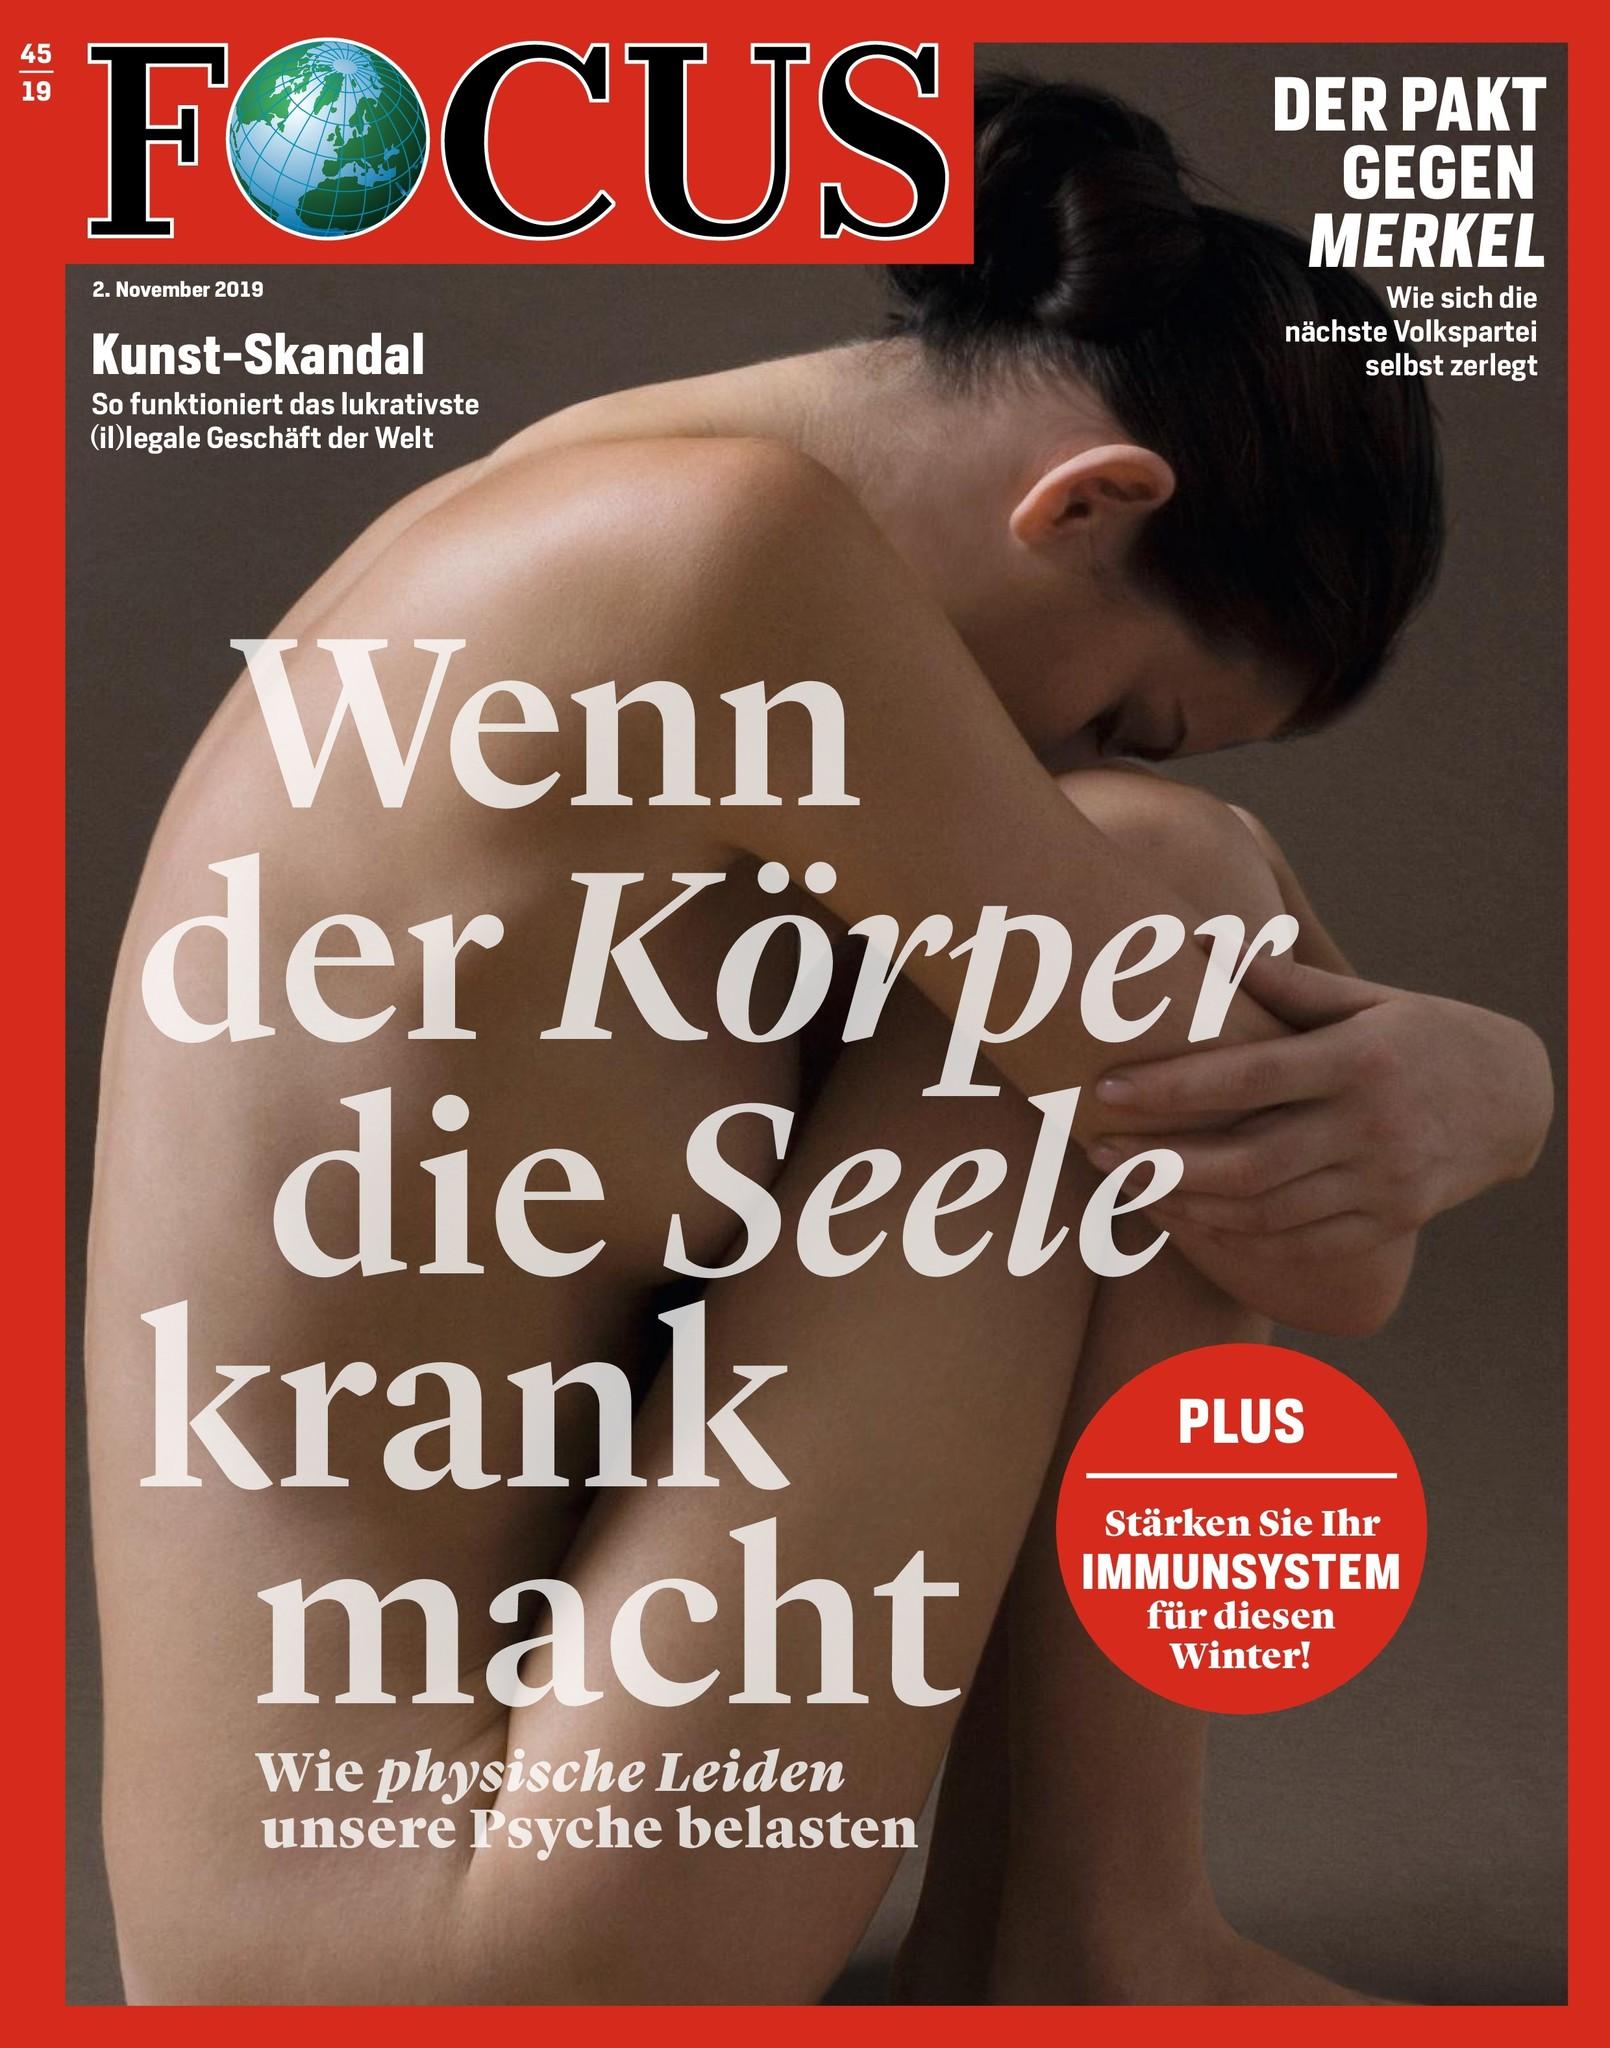 FOCUS Magazin FOCUS Magazin - Wenn der Körper die Seele krank macht